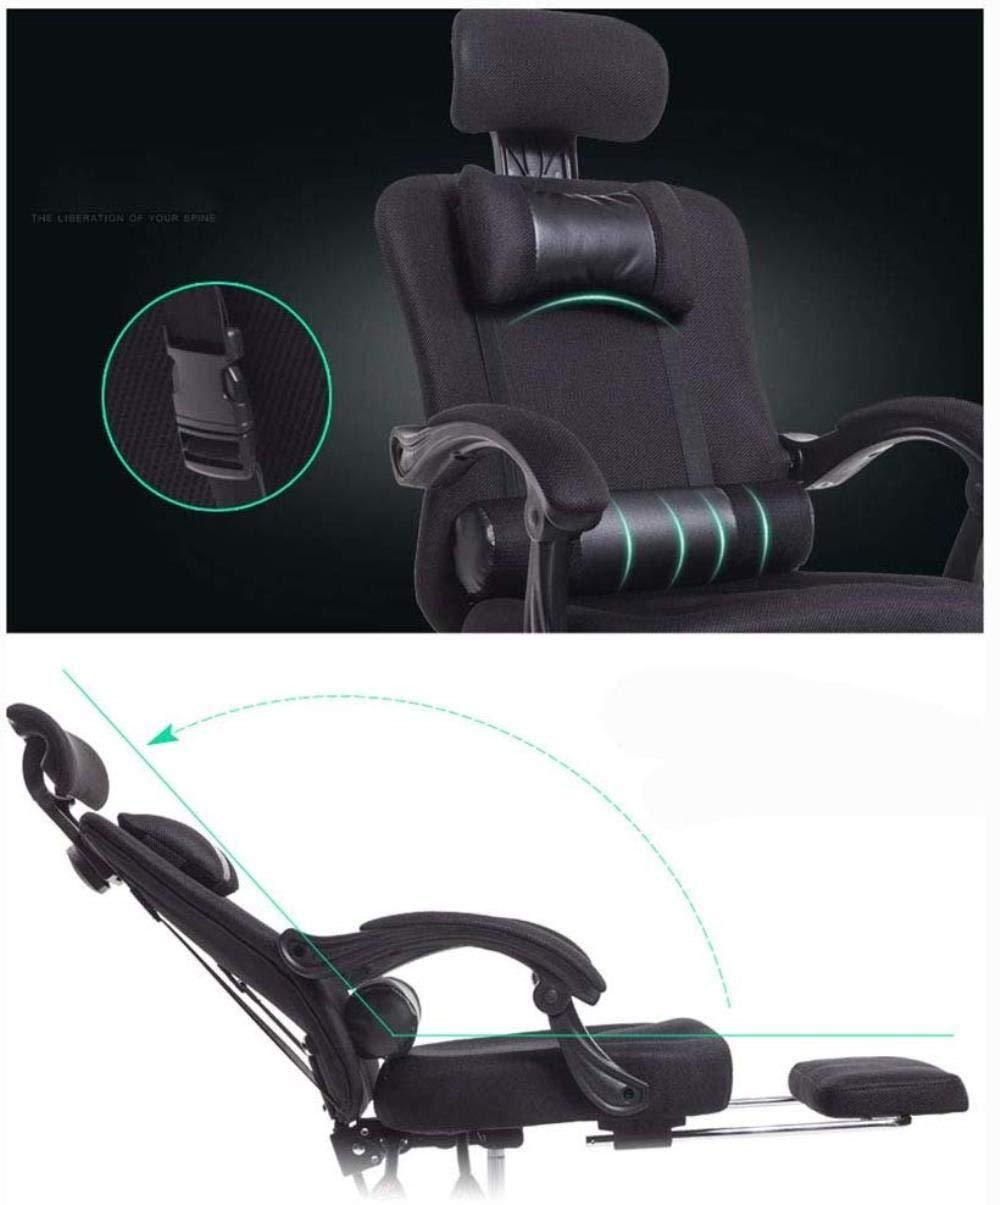 Xiuyun nät hög rygg svängbar kontorsstol datorstol hem svängbar stol bred vinkel liggande mobil dubbel kudde infällbar fotstöd andningsbart rutnät (färg: svart) Grått